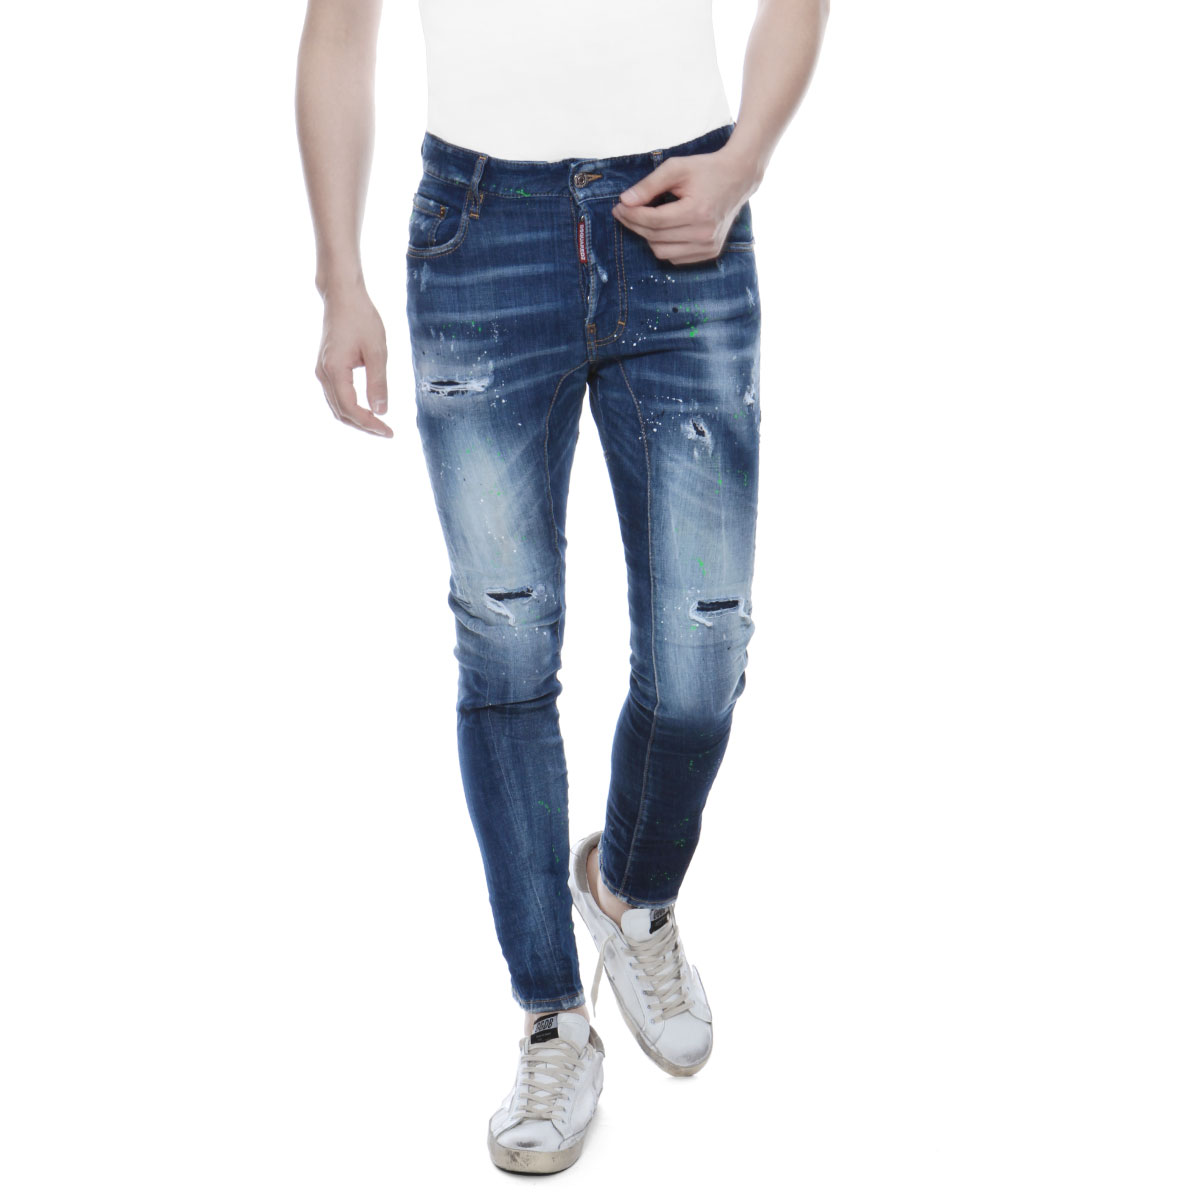 ディースクエアード DSQUARED 2 パンツ メンズ S74LB0516 S30342 470 クラッシュ&リメイク&ペイント加工 ジーンズ TIDY BIKER タイディ バイカー BLUE ブルー